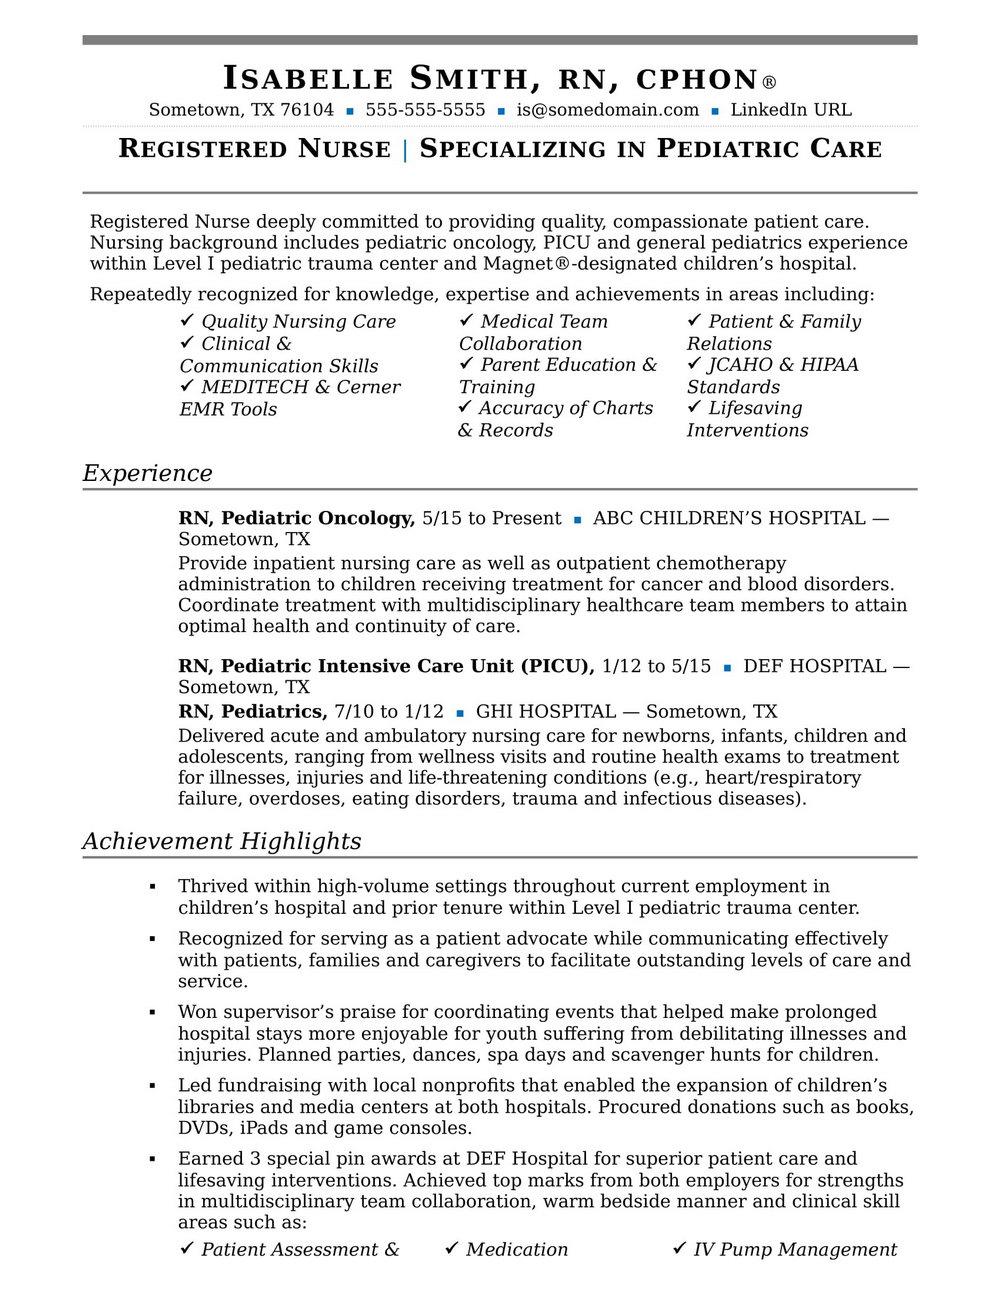 Sample Rn Resume Skills